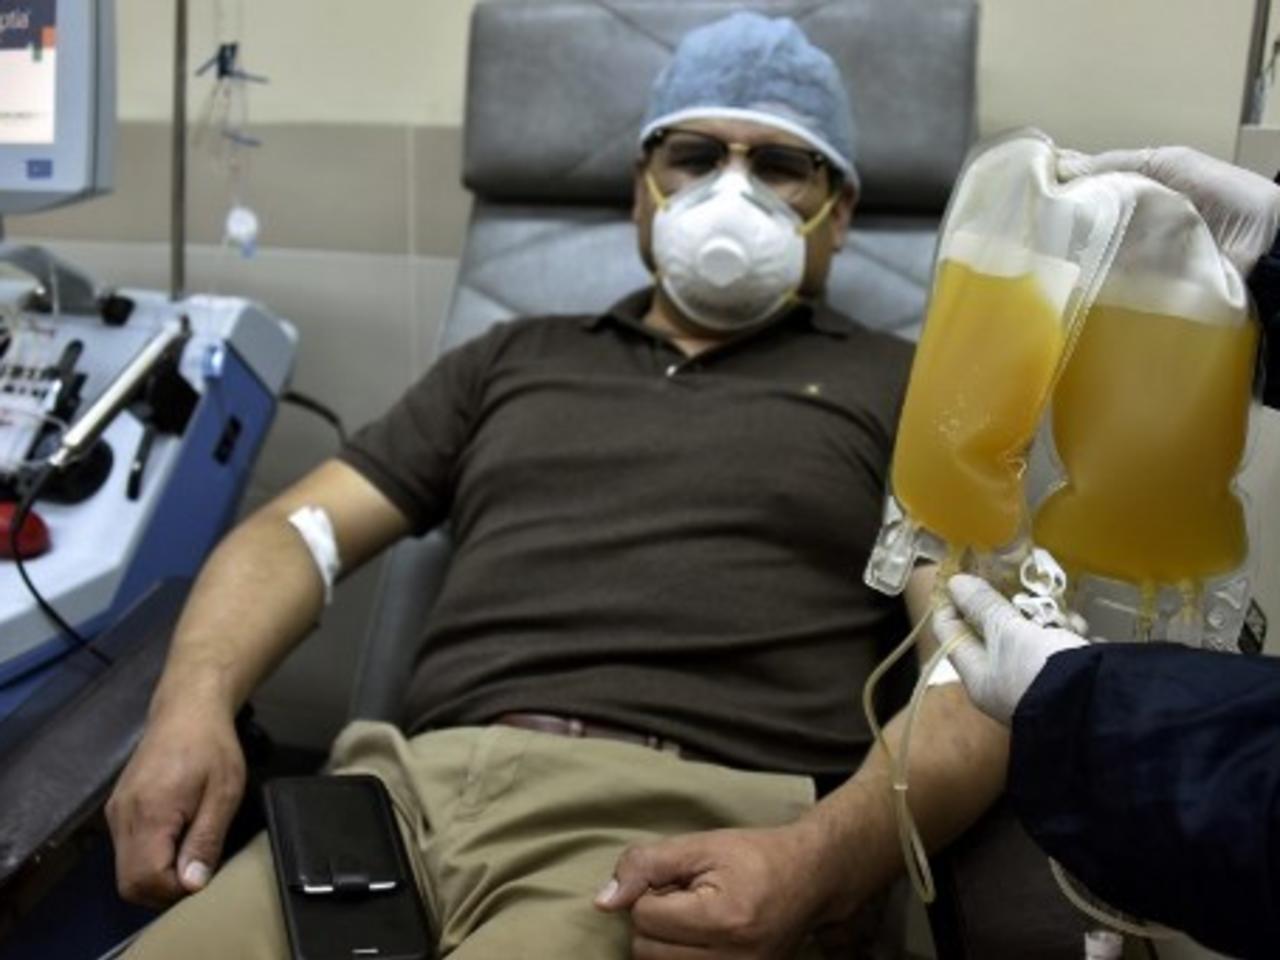 Con el rebrote de Covid-19, la demanda de plasma hiperinmune subió de 1 a 15 unidades por día